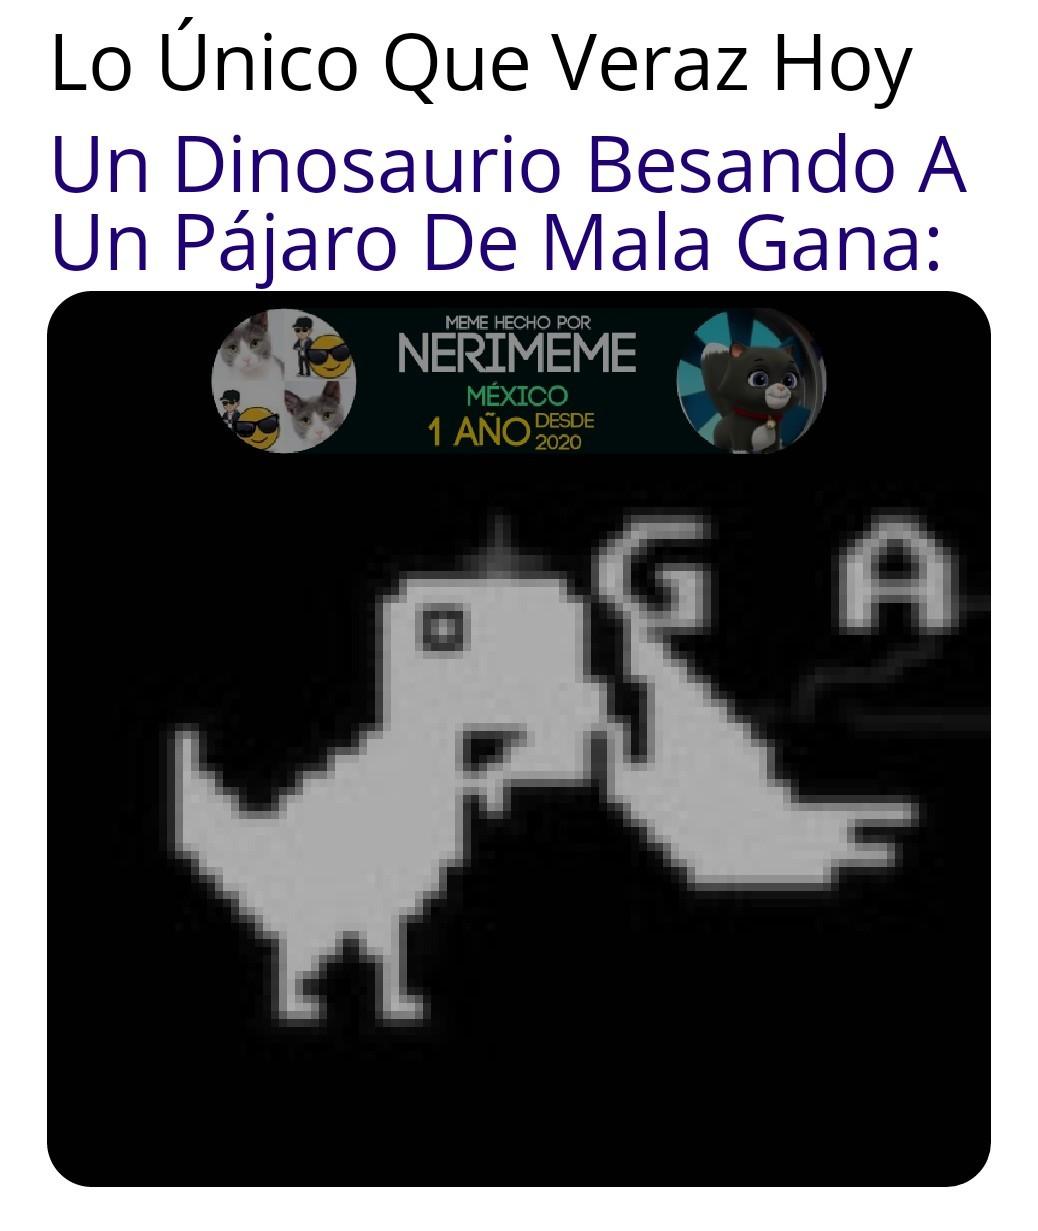 Meme: Un Dinosaurio Besando A Un Pájaro De Mala Gana (IMÁGENES FUERTES) JaJa